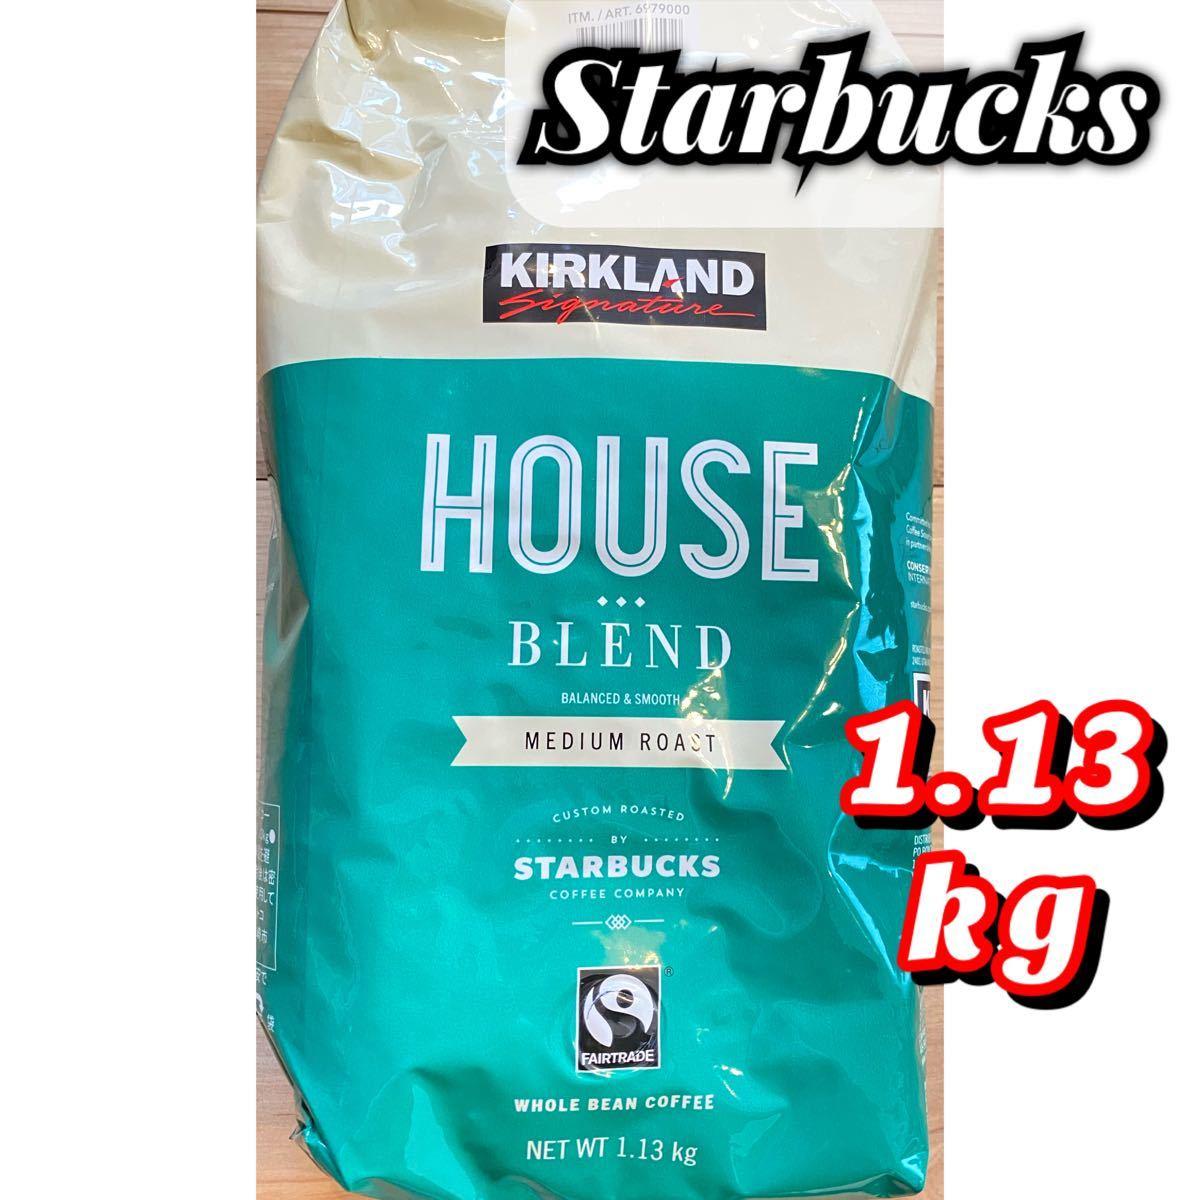 カークランド ハウスブレンド スターバックス コーヒー豆